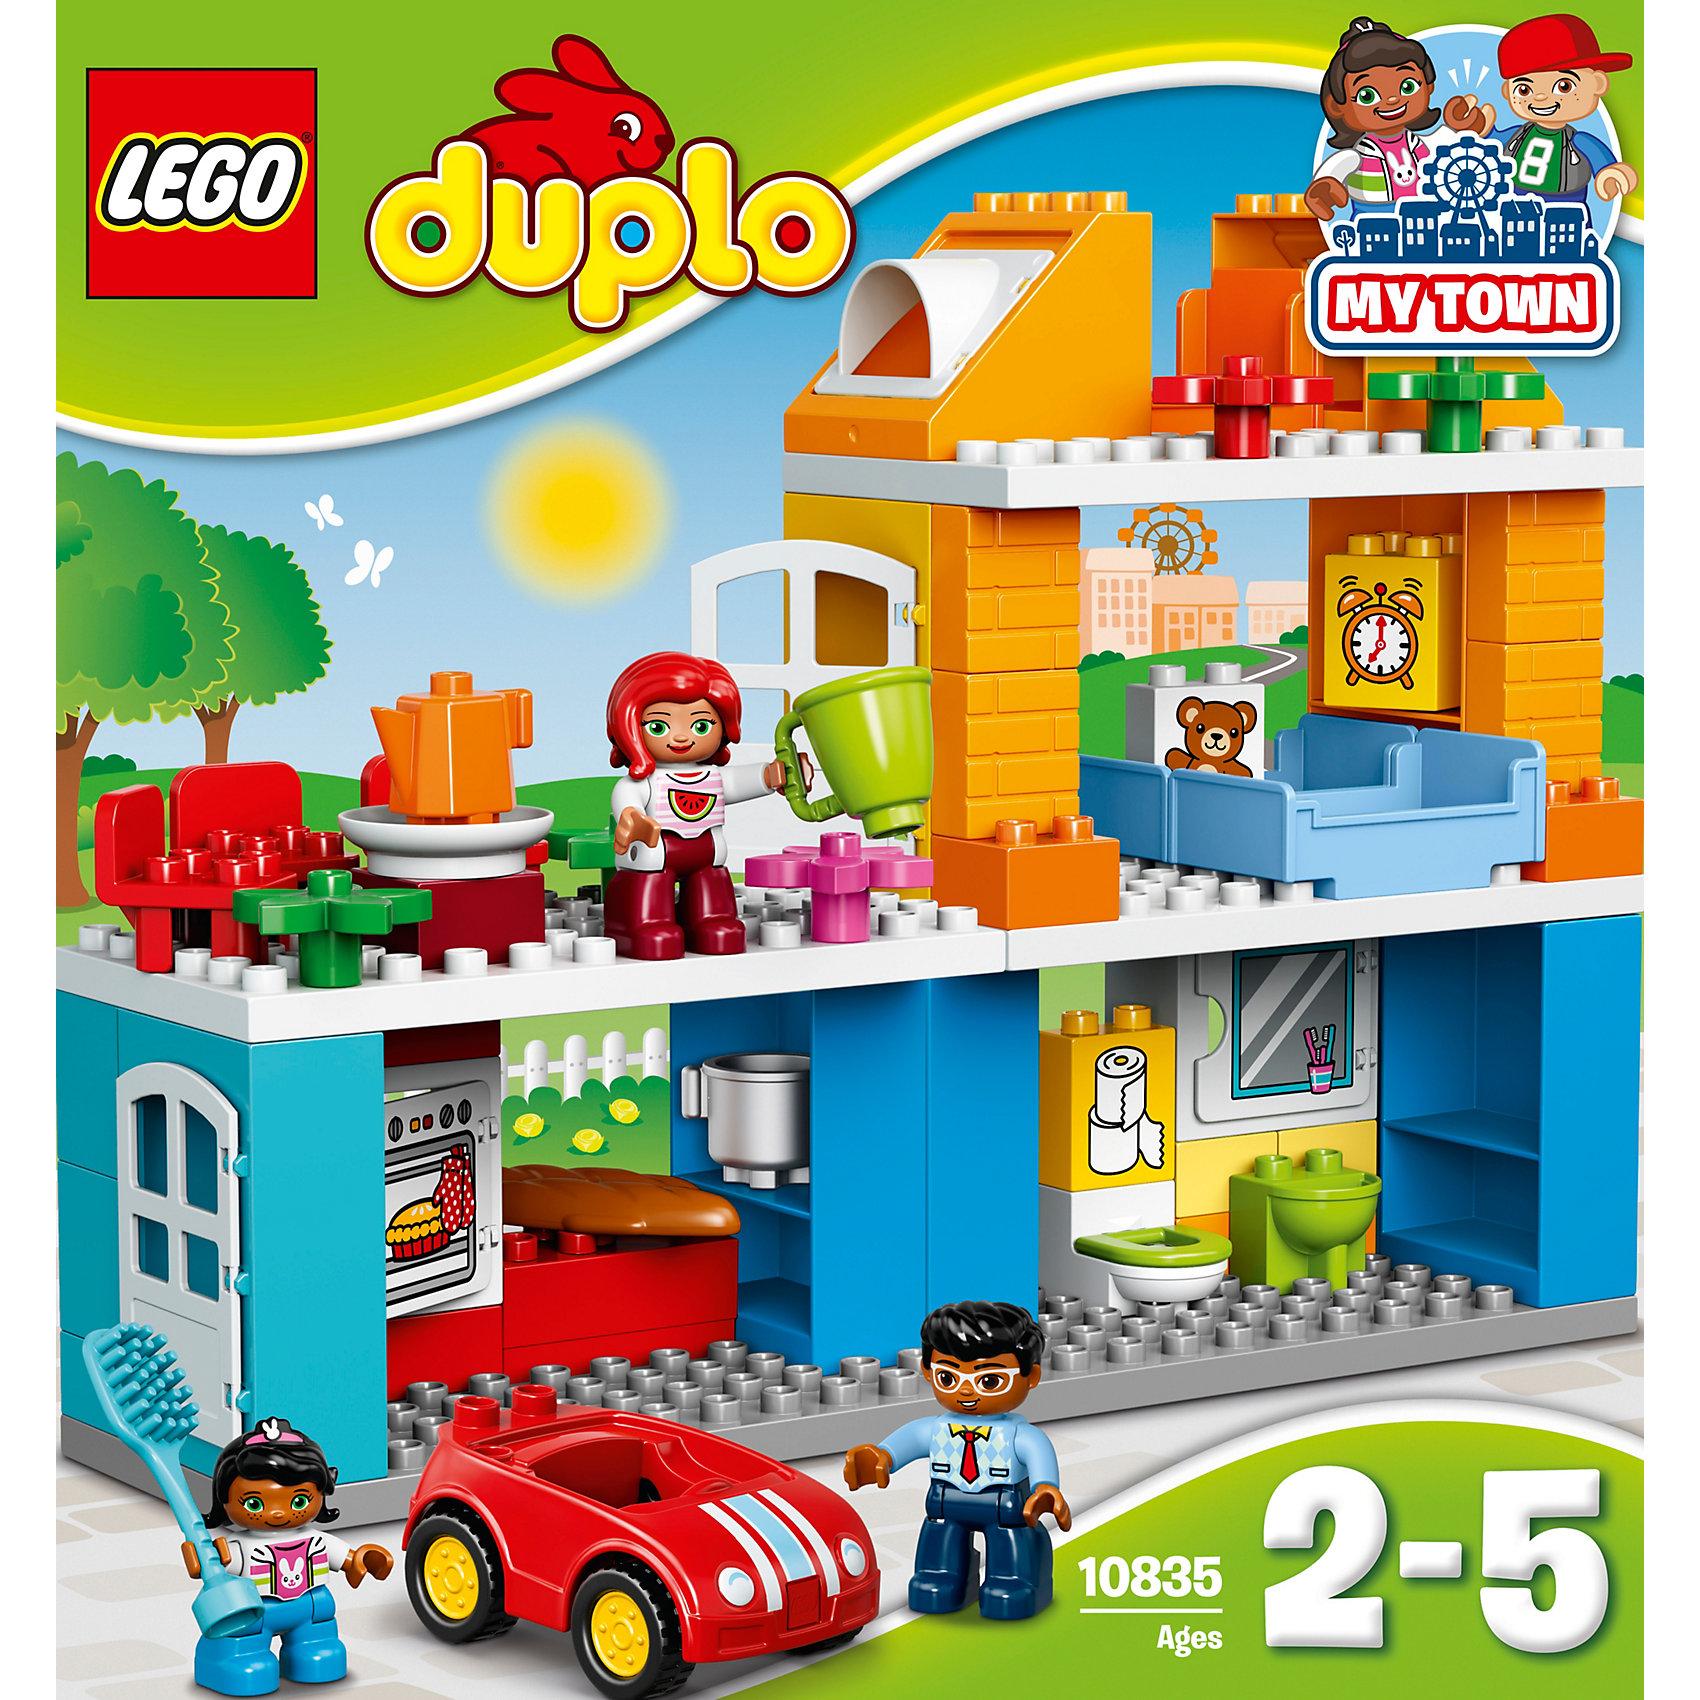 LEGO DUPLO 10835: Семейный домLEGO DUPLO 10835: Семейный дом<br><br>Характеристики:<br><br>- в набор входит: детали, 3 фигурки людей, машинка, аксессуары, инструкция<br>- состав: пластик<br>- количество деталей: 69<br>- для детей в возрасте: от 2 до 5 лет<br>- Страна производитель: Дания/Китай/Чехия/<br><br>Легендарный конструктор LEGO (ЛЕГО) представляет серию «DUPLO» (Д?пло) для самых маленьких. Крупные детали безопасны для малышей, а интересная тематика, возможность фантазировать, собирать из конструктора свои фигуры и играть в него приведут кроху в восторг! В этом шикарном наборе представлен настоящий трехэтажный дом и небольшая семья. В доме есть все необходимое включая кухню, спальню, туалет и даже комнатный цветок. Дверца в дом открывается, а также и дверца духового шкафа и полочки в ванной. Все стены также являются полочками для хранения аксессуаров, в комплект которых входит расческа, кухонная утварь (кастрюля, чайник, тарелка), хлеб. На блоках нарисованы игрушечный мишка, будильник, туалетная бумага. Три стульчика для всех членов семьи, а также две кровати предоставлены в наборе. Каждая фигурка отлично детализирована, в комплекте имеется фигурка мамы, папы и девочки. У этой семьи есть и машина – яркая, красная с крутящимися колесиками, но без заводного механизма. Набор предоставит все необходимое для игры, вам останется только придумать где будет какая комната и как зовут членов семьи. Играя с этим конструктором дети смогут моделировать ситуации, фантазировать, развивать моторику ручек и создавать новые фигуры. <br><br>Конструктор LEGO DUPLO 10835: Семейный дом можно купить в нашем интернет-магазине.<br><br>Ширина мм: 377<br>Глубина мм: 350<br>Высота мм: 121<br>Вес г: 1341<br>Возраст от месяцев: 24<br>Возраст до месяцев: 60<br>Пол: Унисекс<br>Возраст: Детский<br>SKU: 5002519